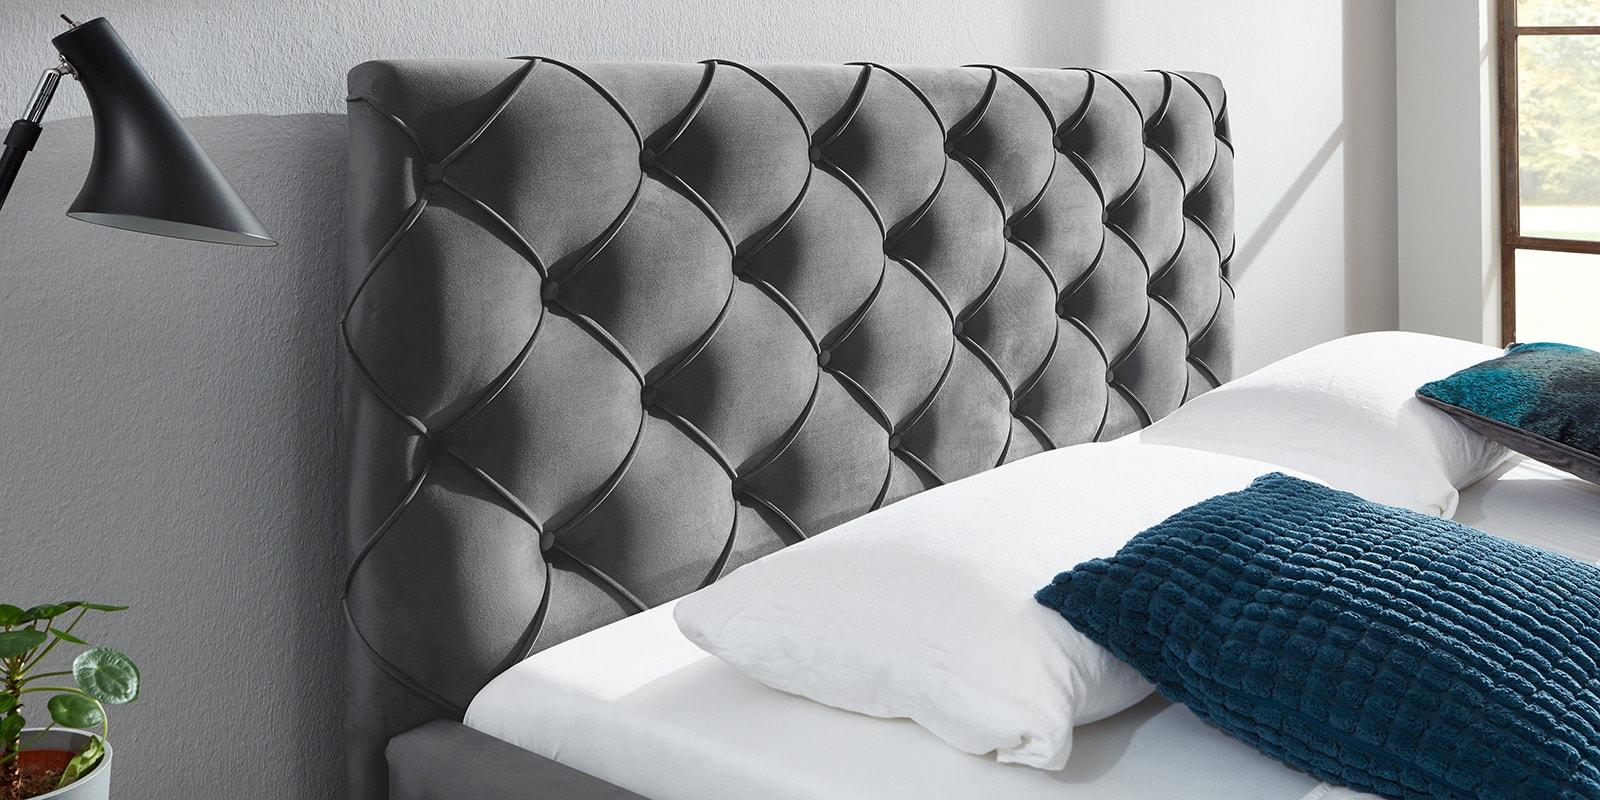 Moebella24 - Bett - mit - Bettkasten - Nelly - Samt - Grau- Kopfteil - mit - Knopfheftung - Detailaufnahme